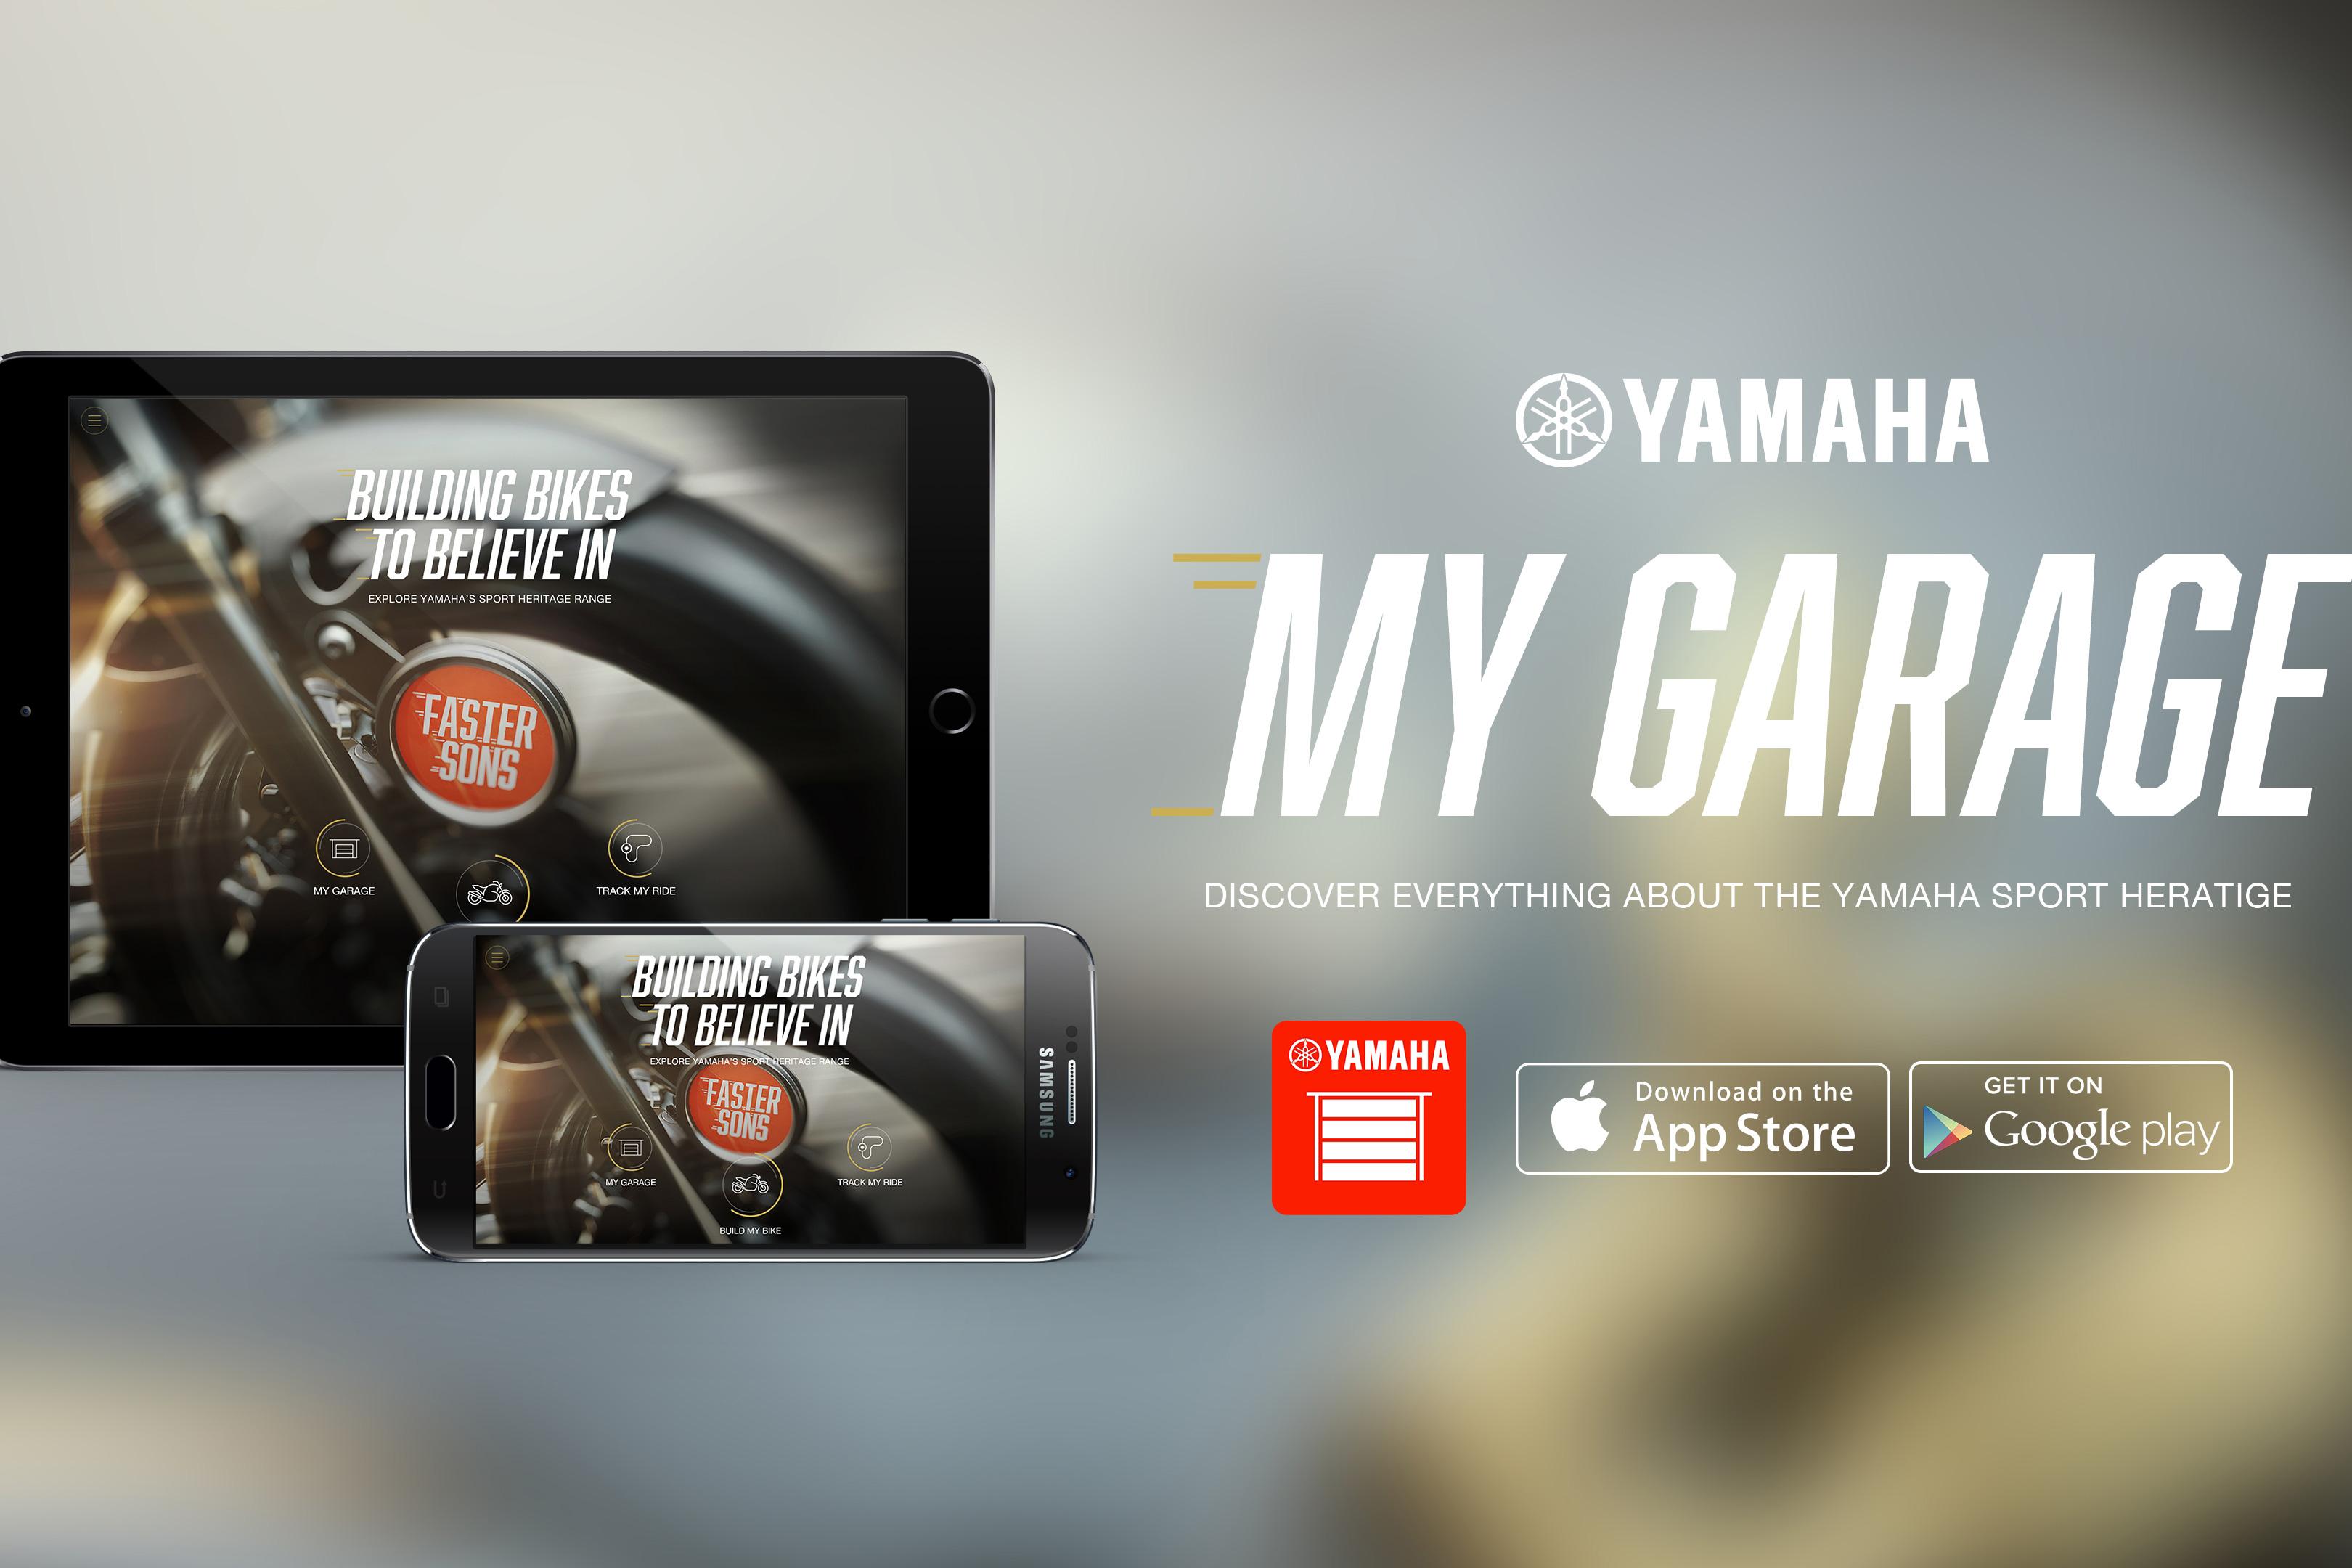 Customise a Yamaha on your phone